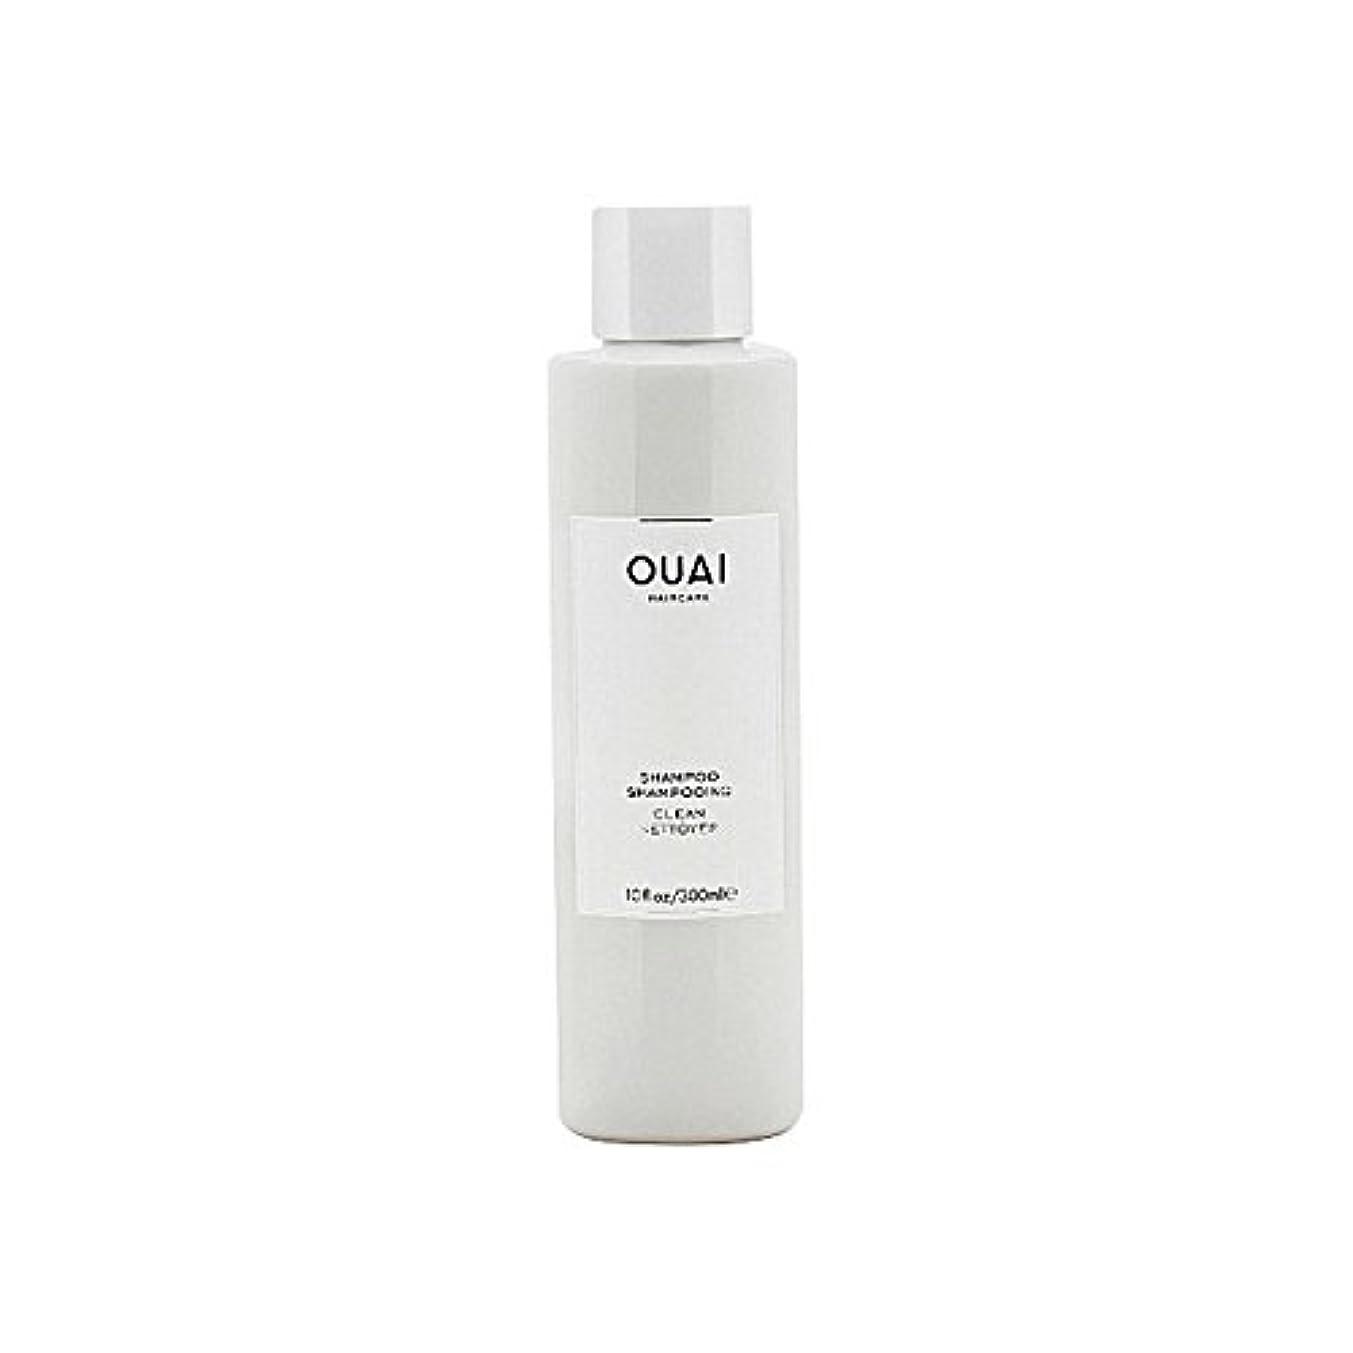 部分ブランク解釈的クリーンシャンプー300ミリリットル x4 - Ouai Clean Shampoo 300ml (Pack of 4) [並行輸入品]